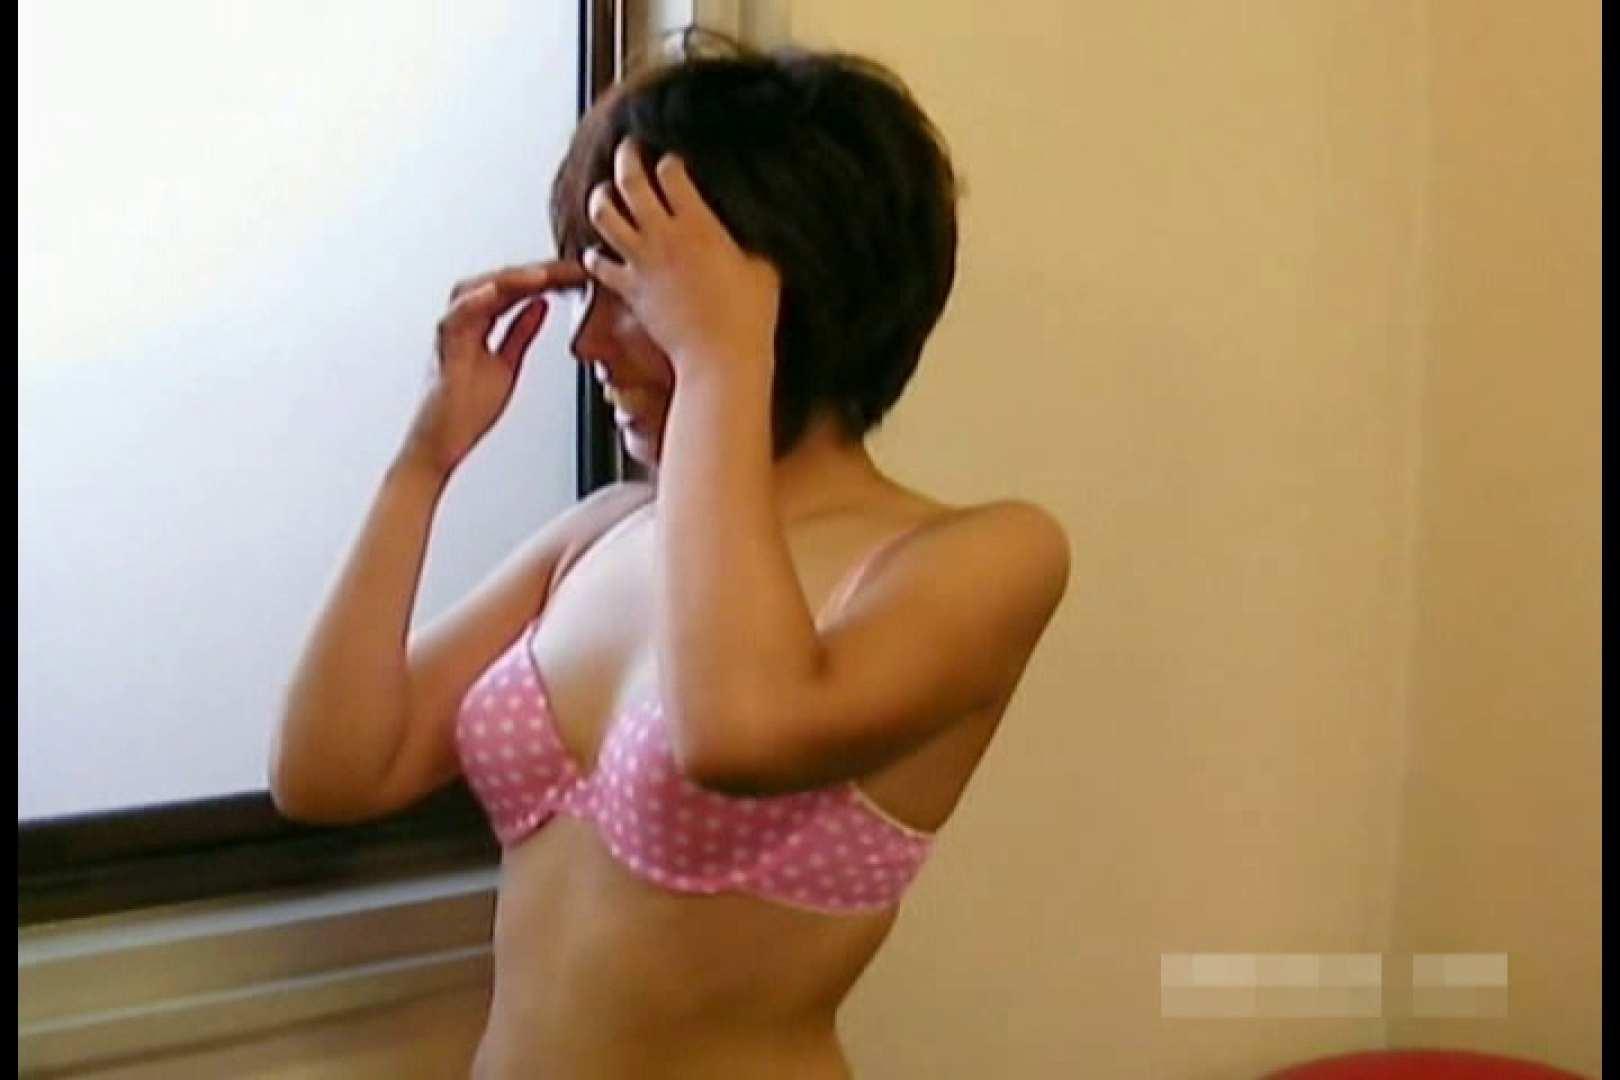 素人撮影 下着だけの撮影のはずが・・・エミちゃん18歳 乳首   オマンコ  90pic 79